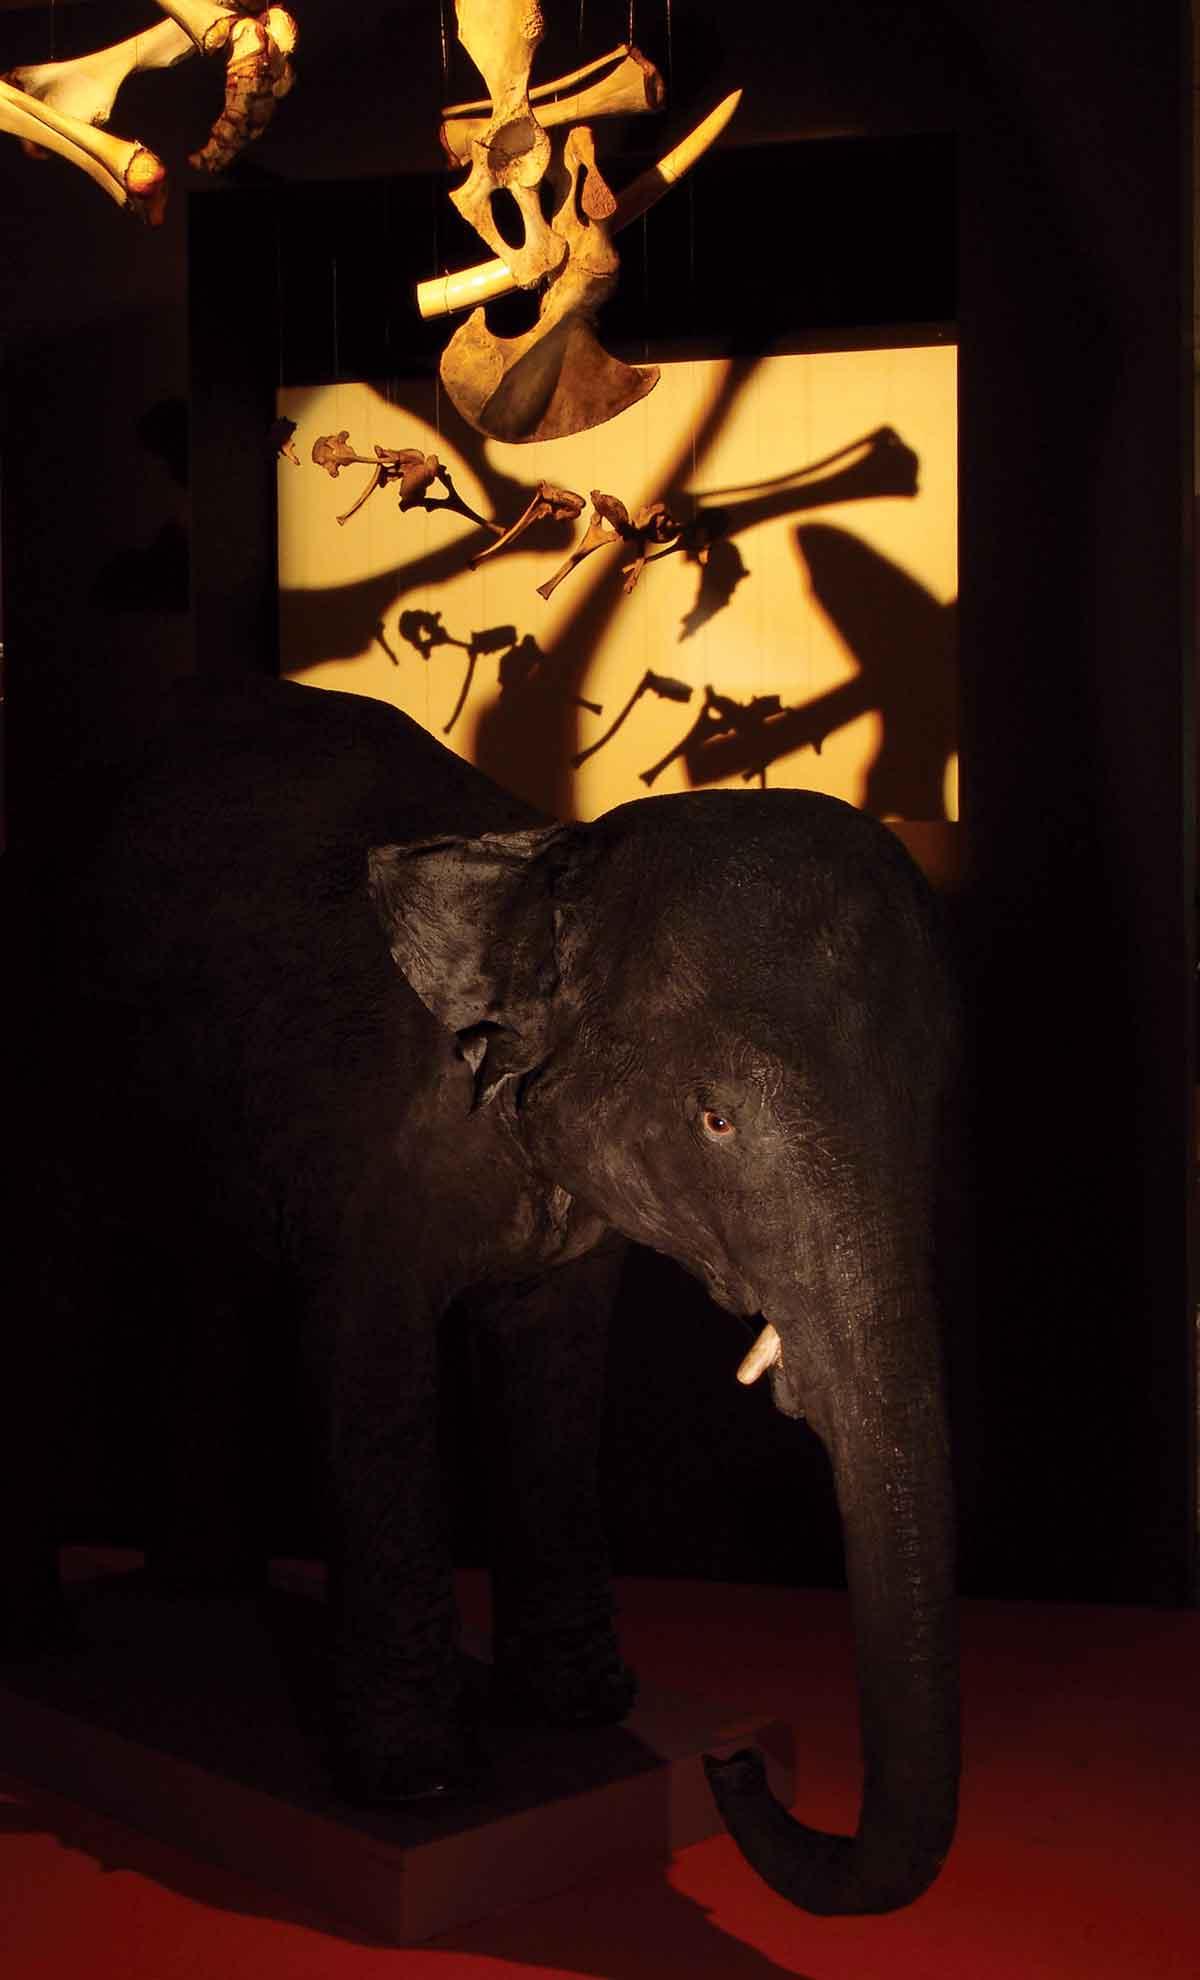 le-rêve-de-l'éléphanteau - phlippe poirier